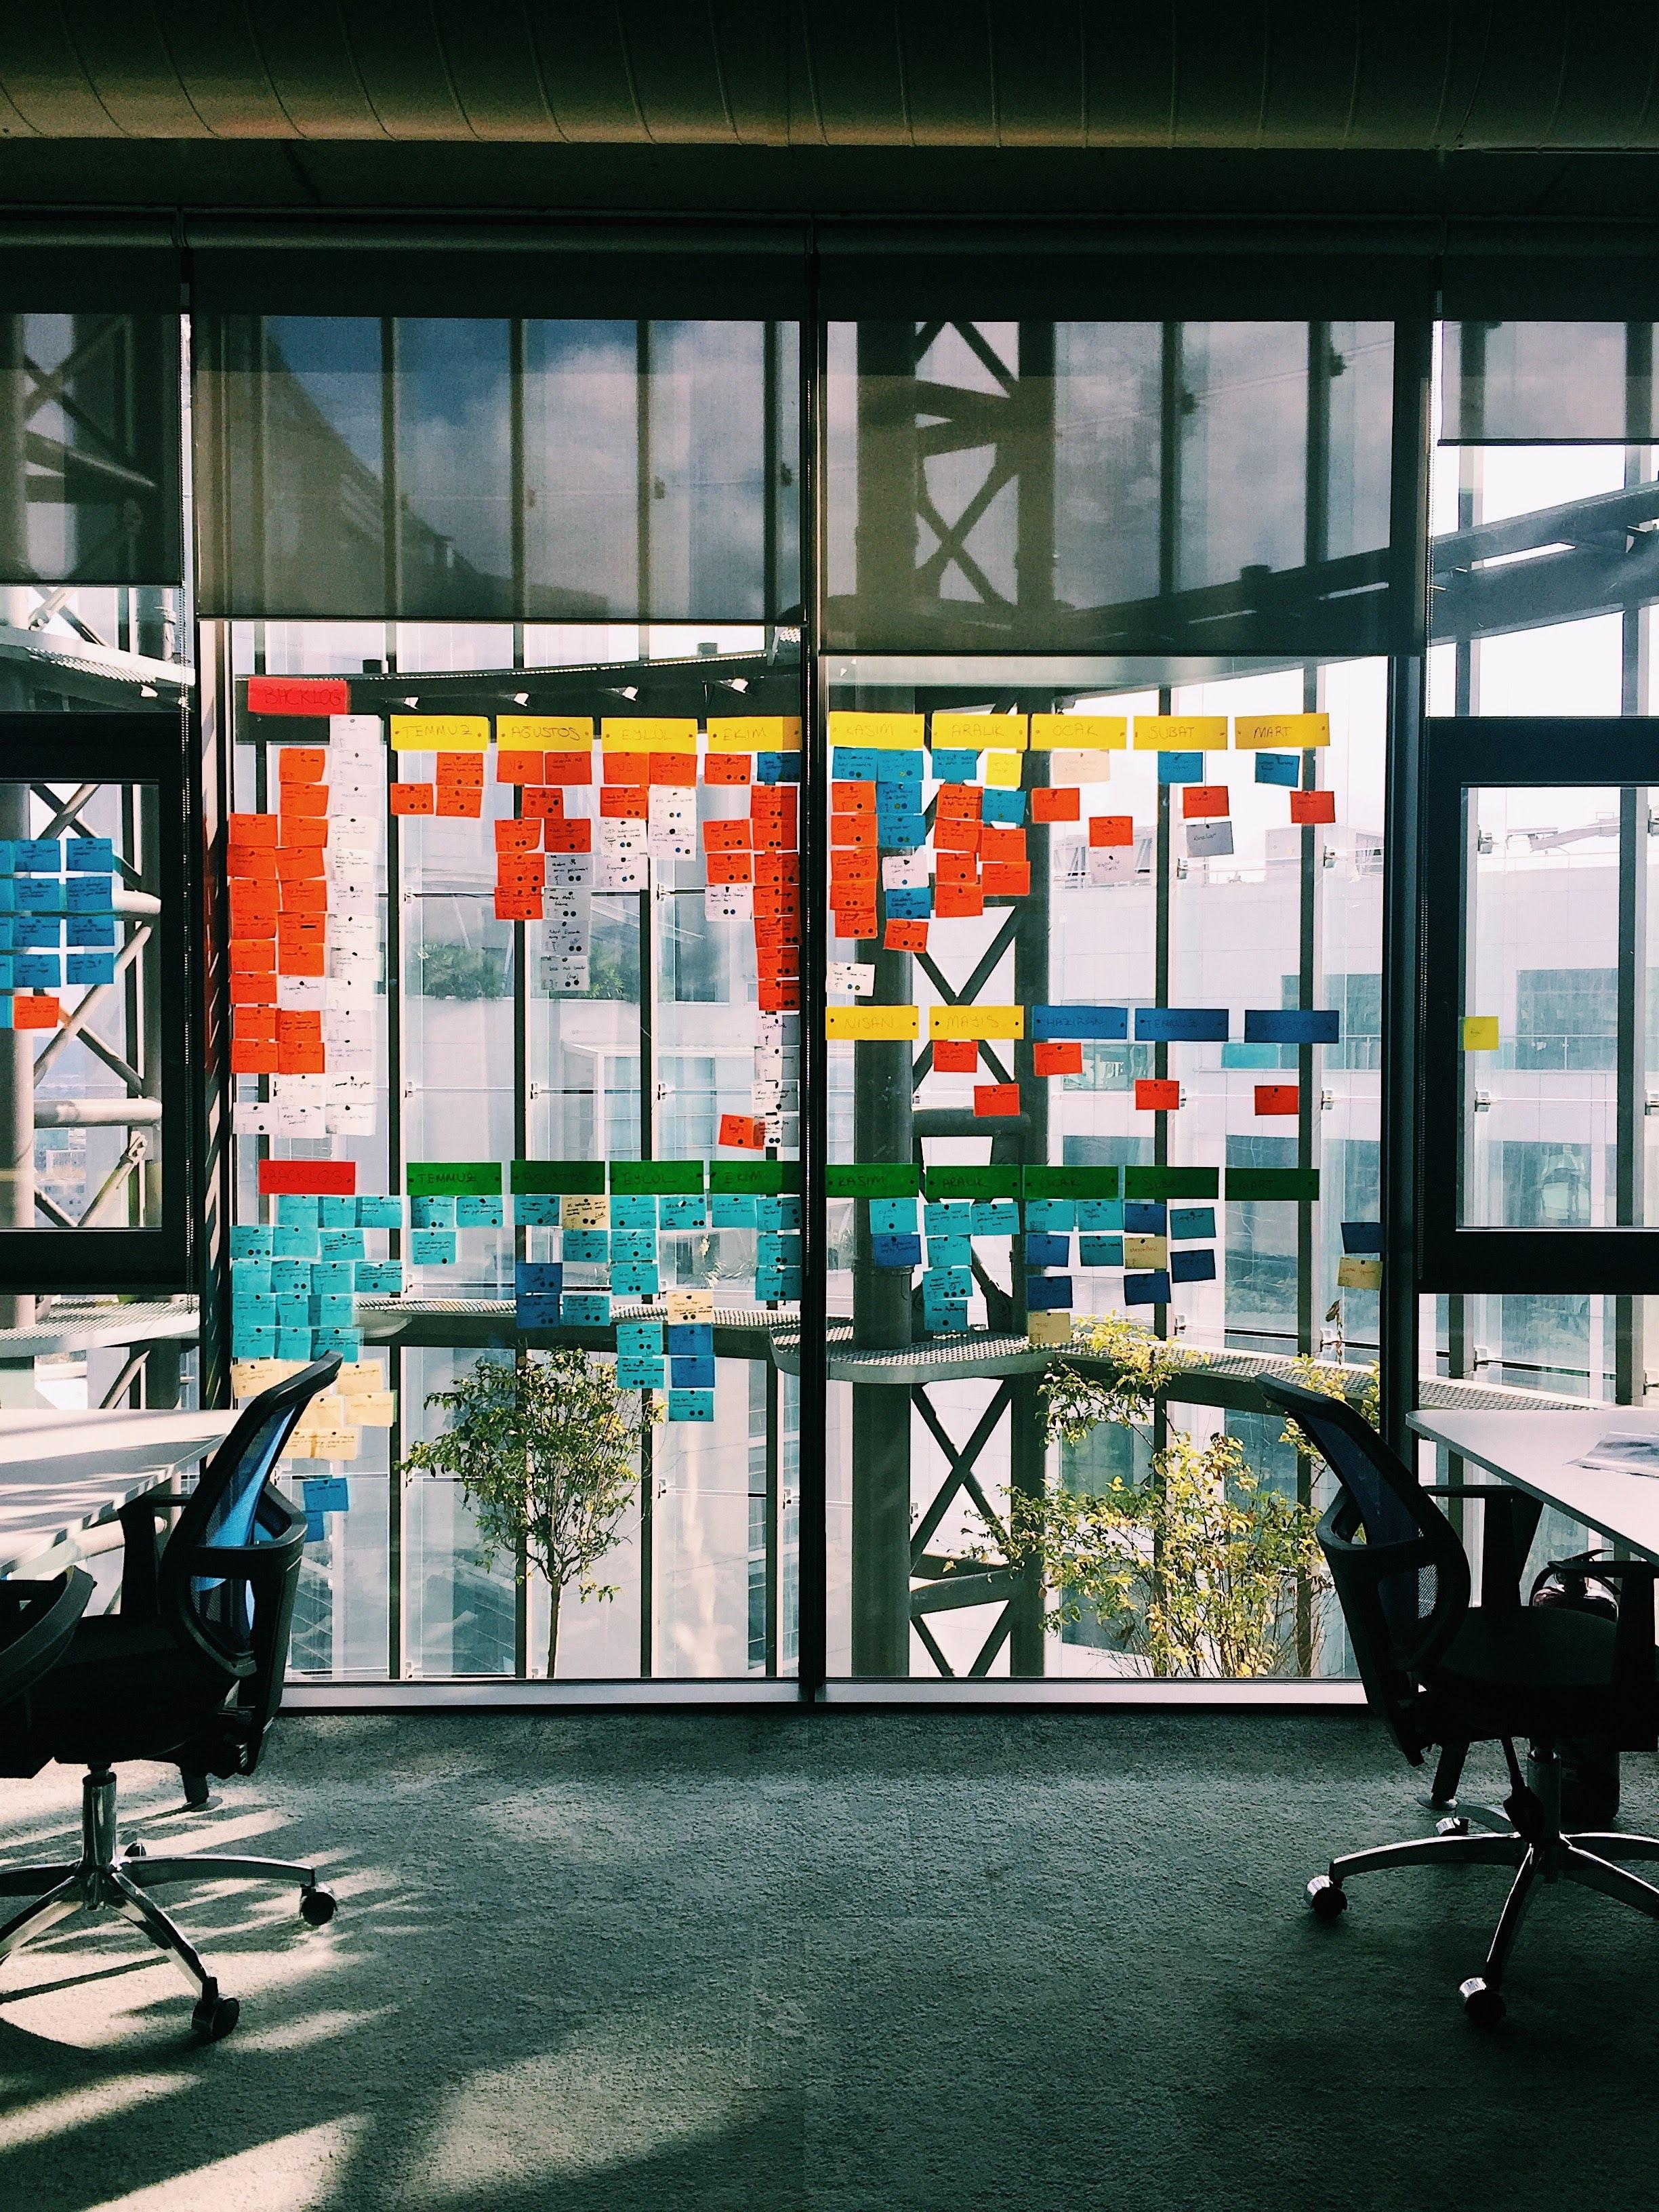 Image d'un bureau avec des post-it lors d'un workshop